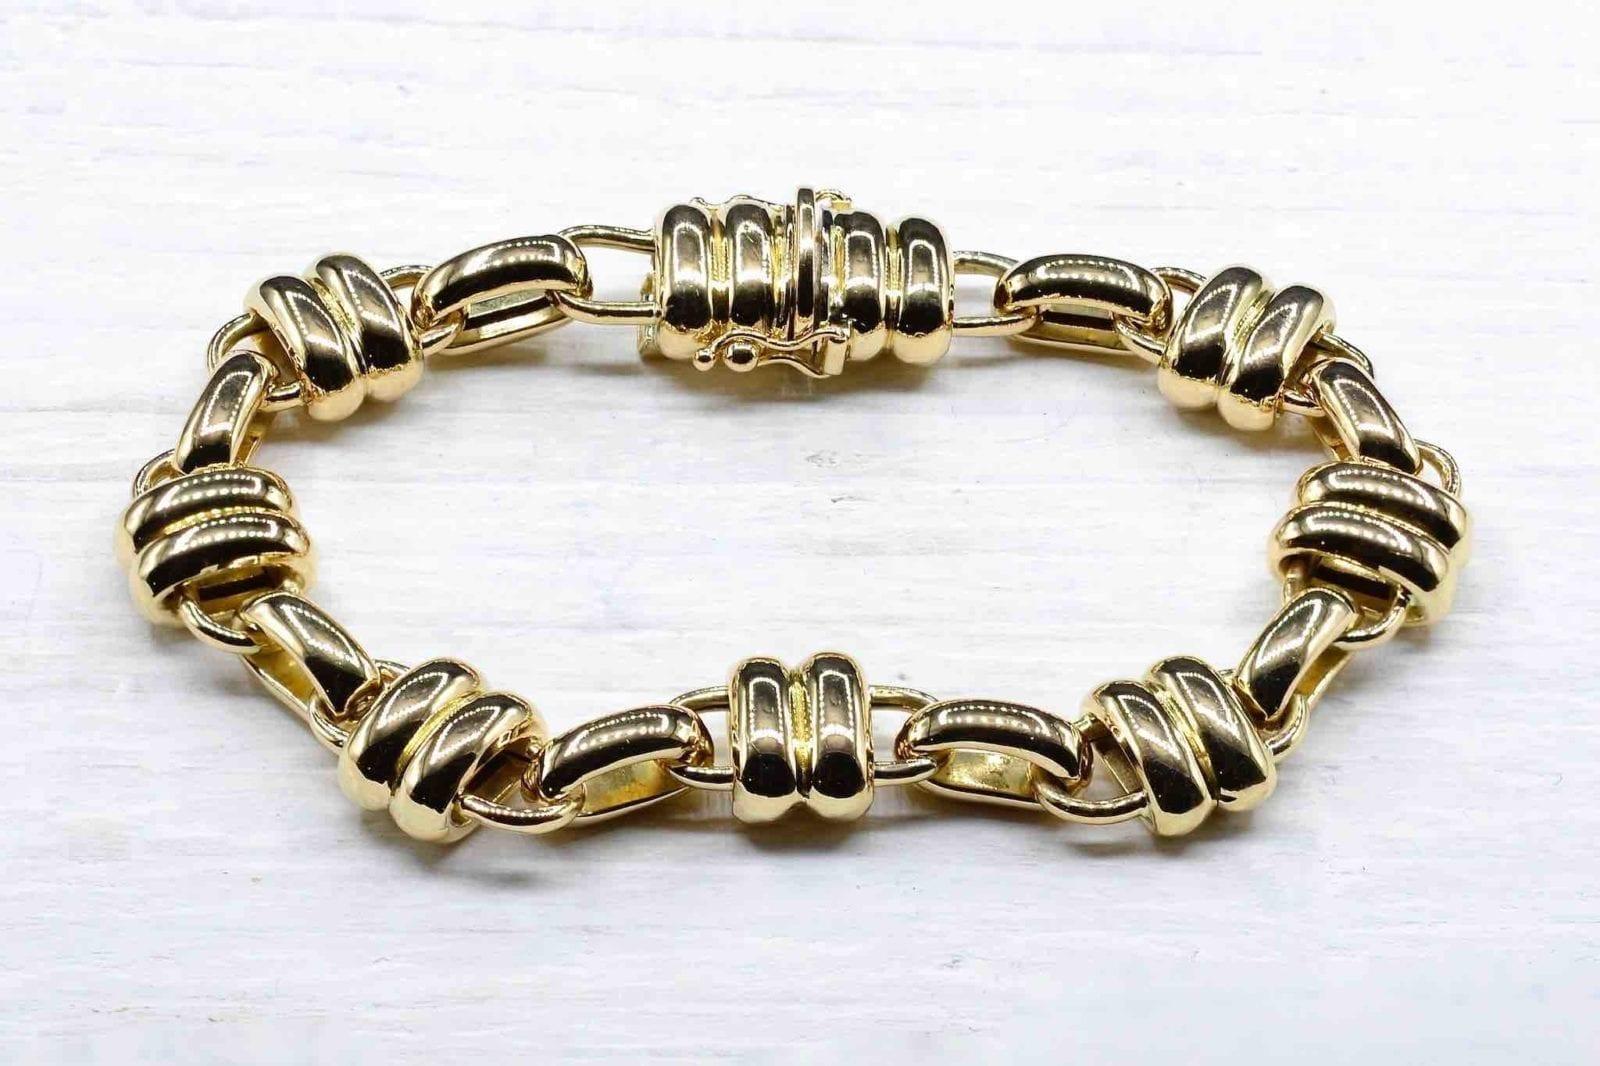 Bracelet Chaumet en or jaune 18k